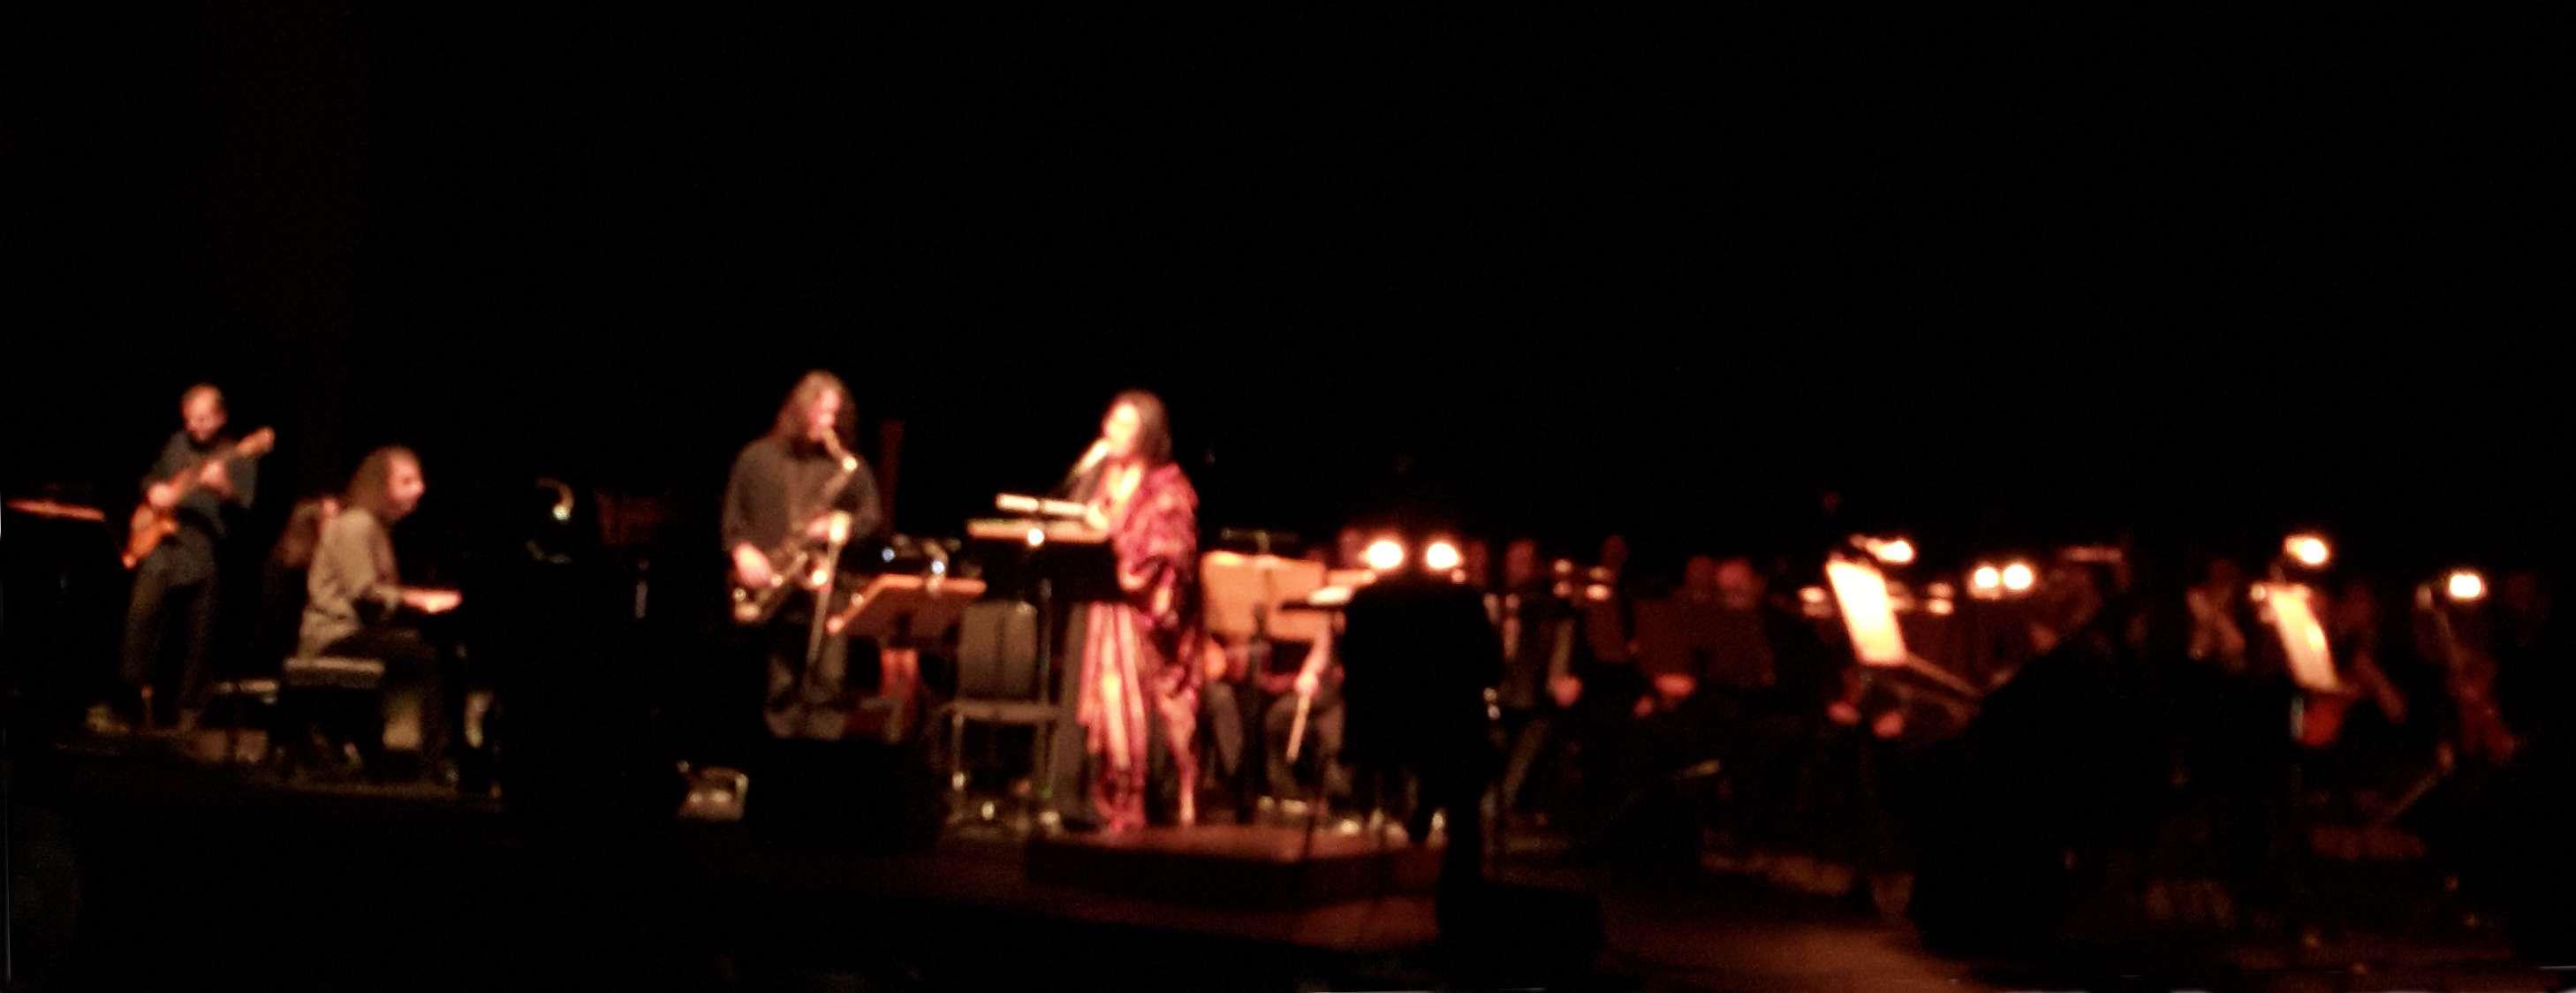 Συναυλία της Ελένης Καραΐνδρου στο Μέγαρο Μουσικής Θεσσαλονίκης